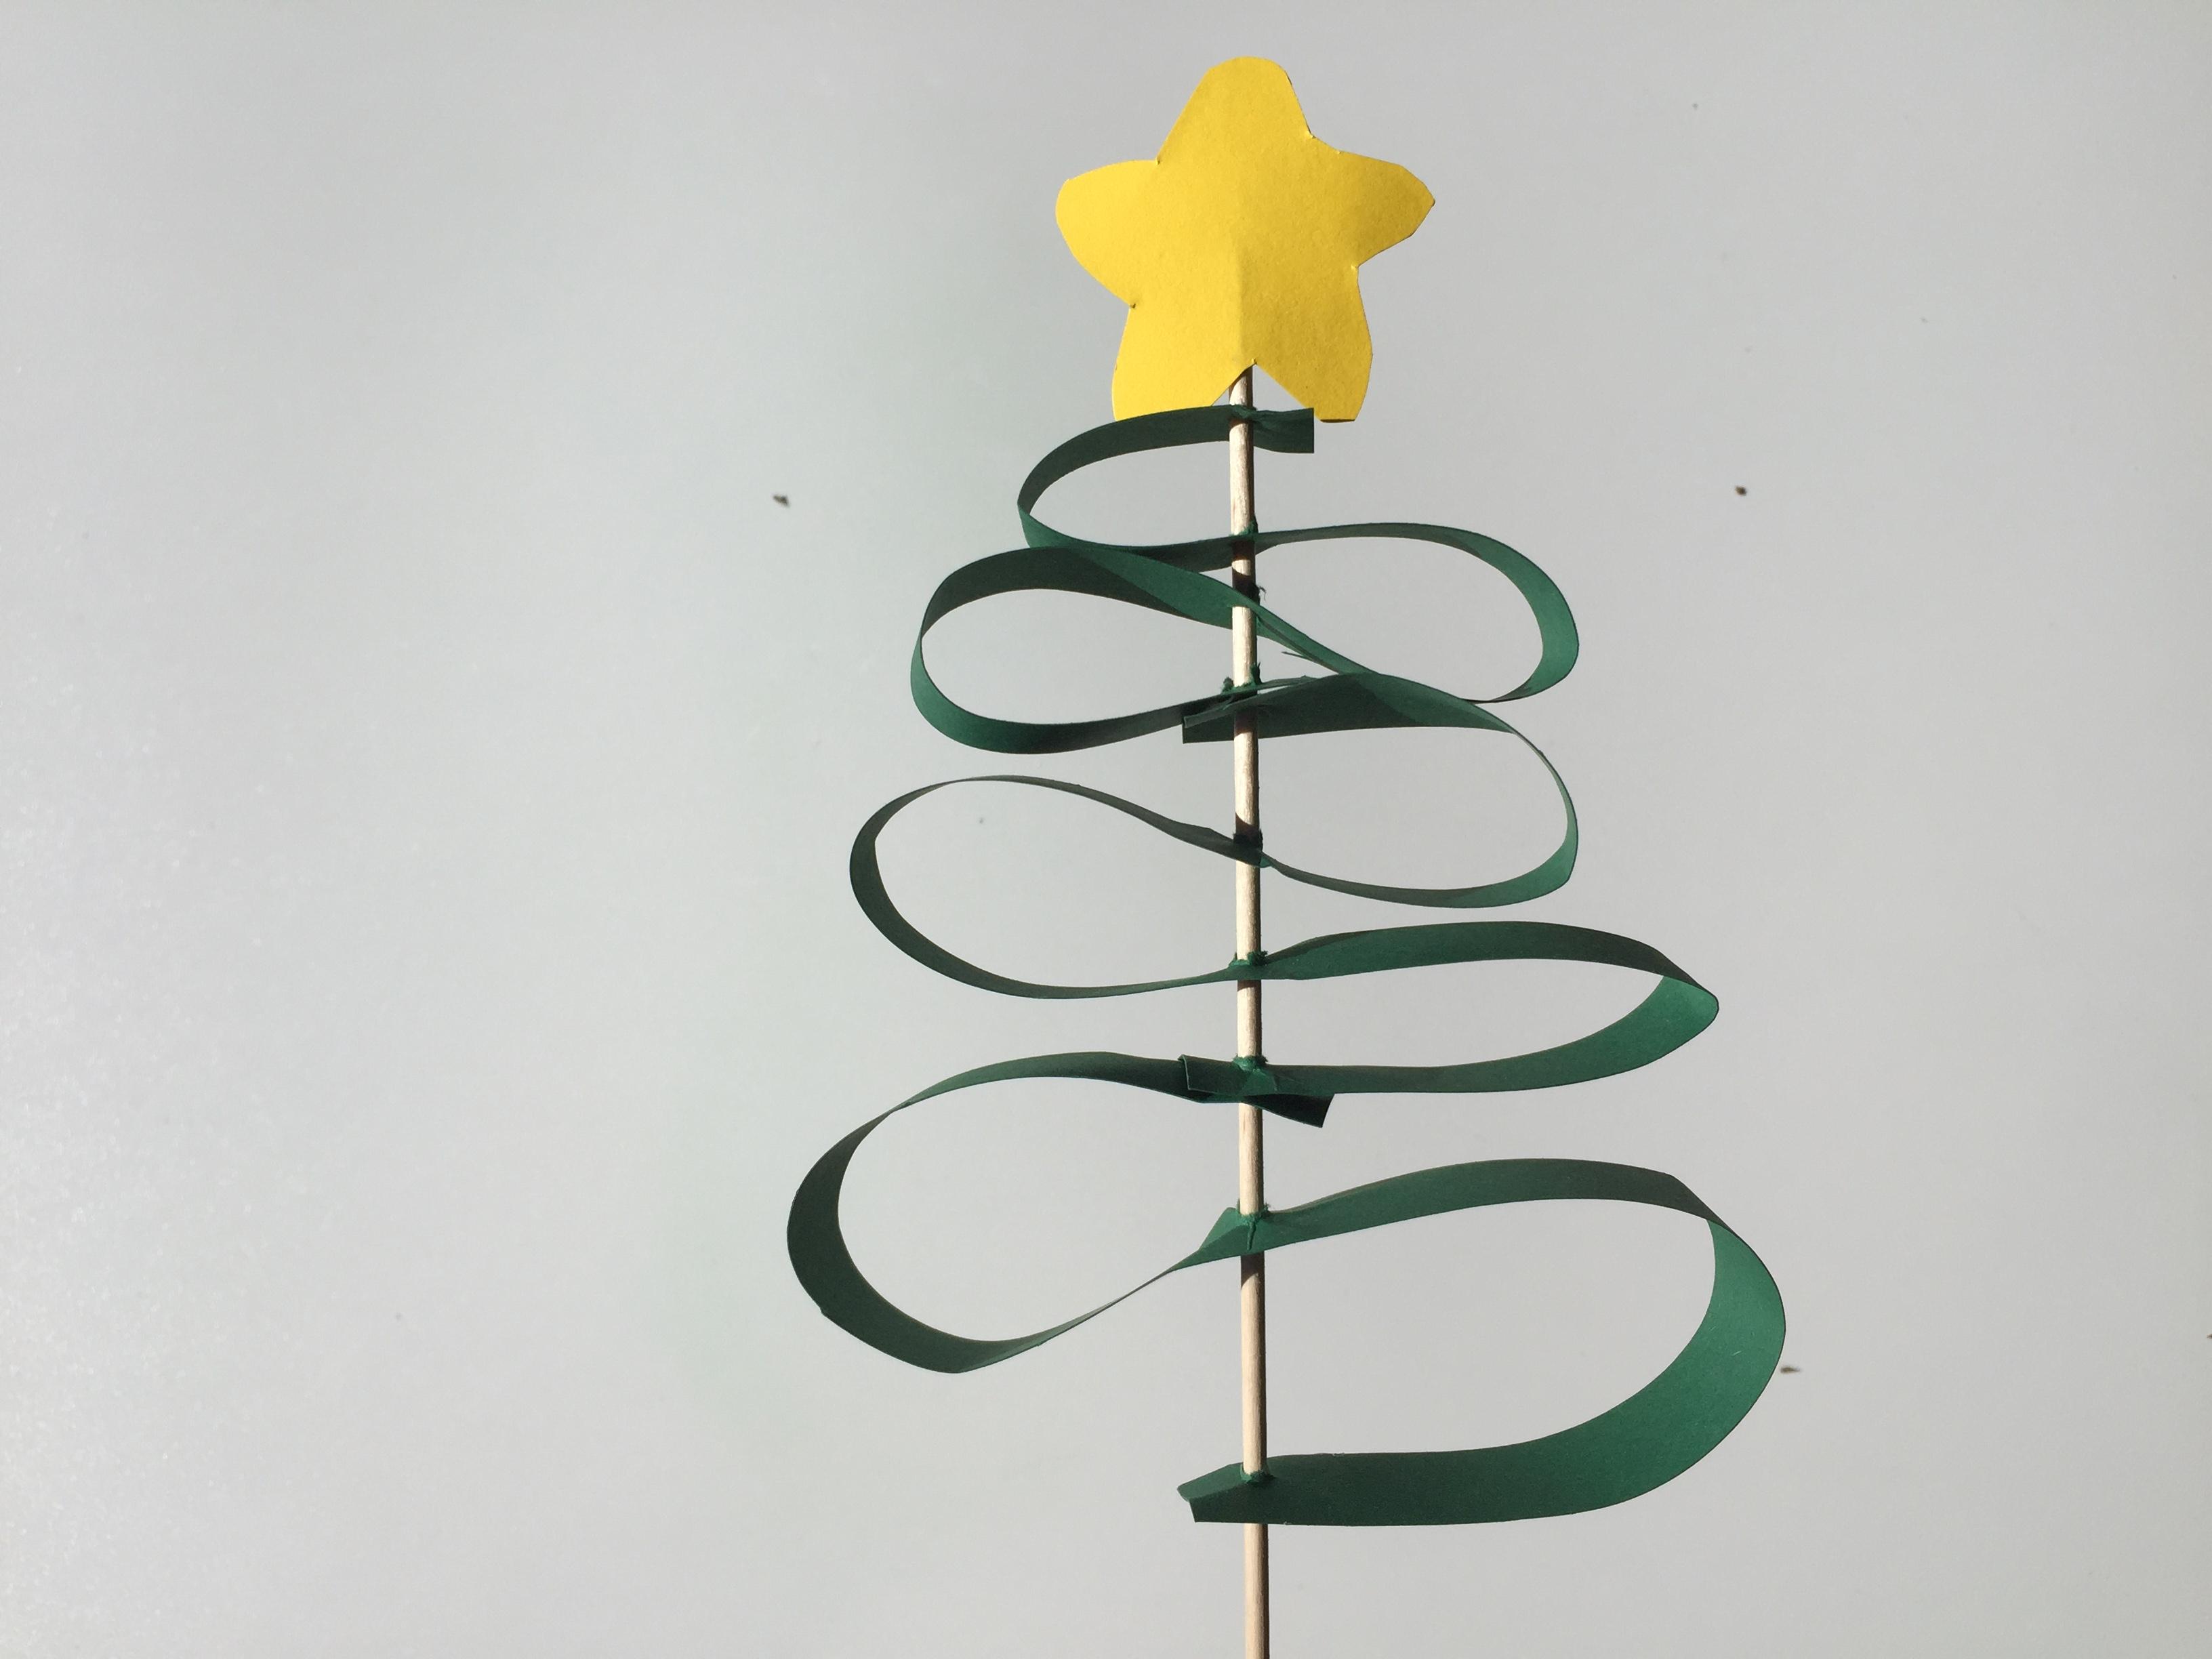 Manualidades para nios y nias faciles como hacer - Manualidades faciles de navidad para ninos ...